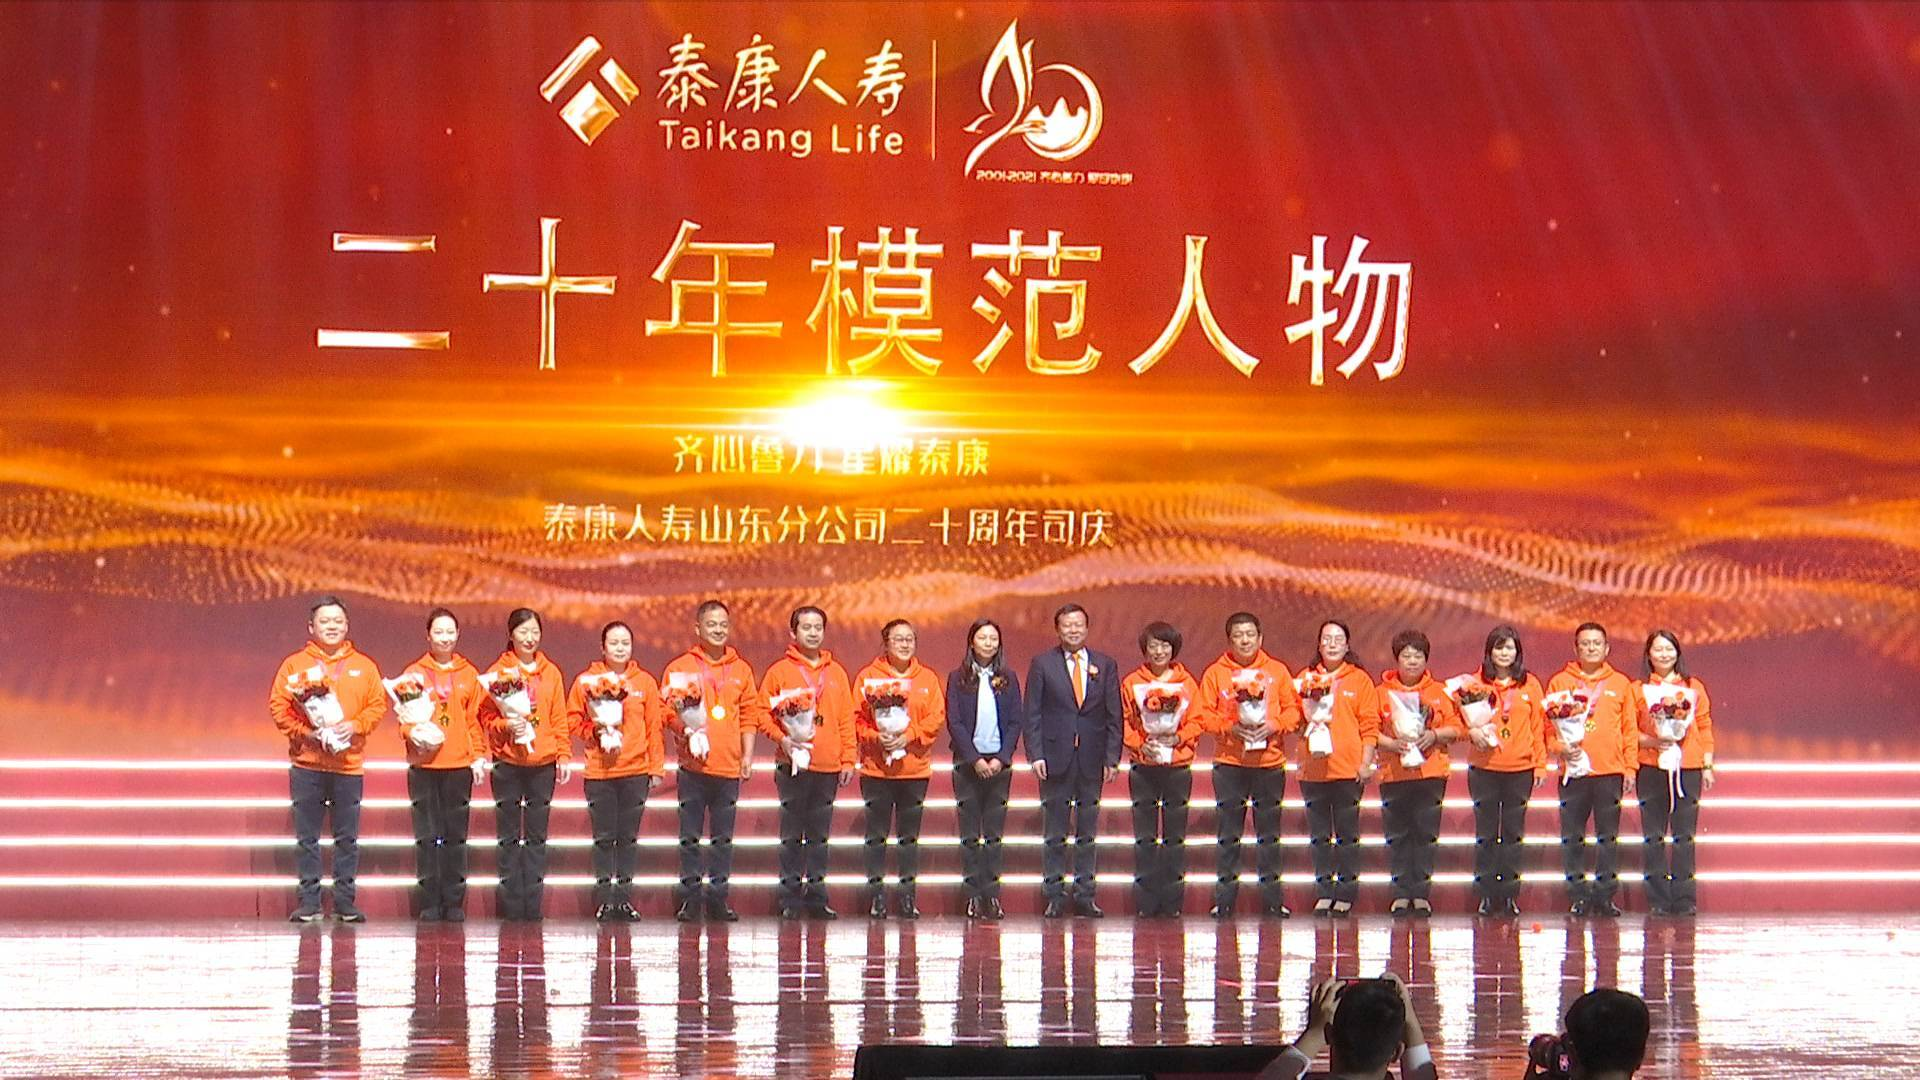 做大健康事业合伙人 泰康人寿山东分公司举办二十年庆典大会